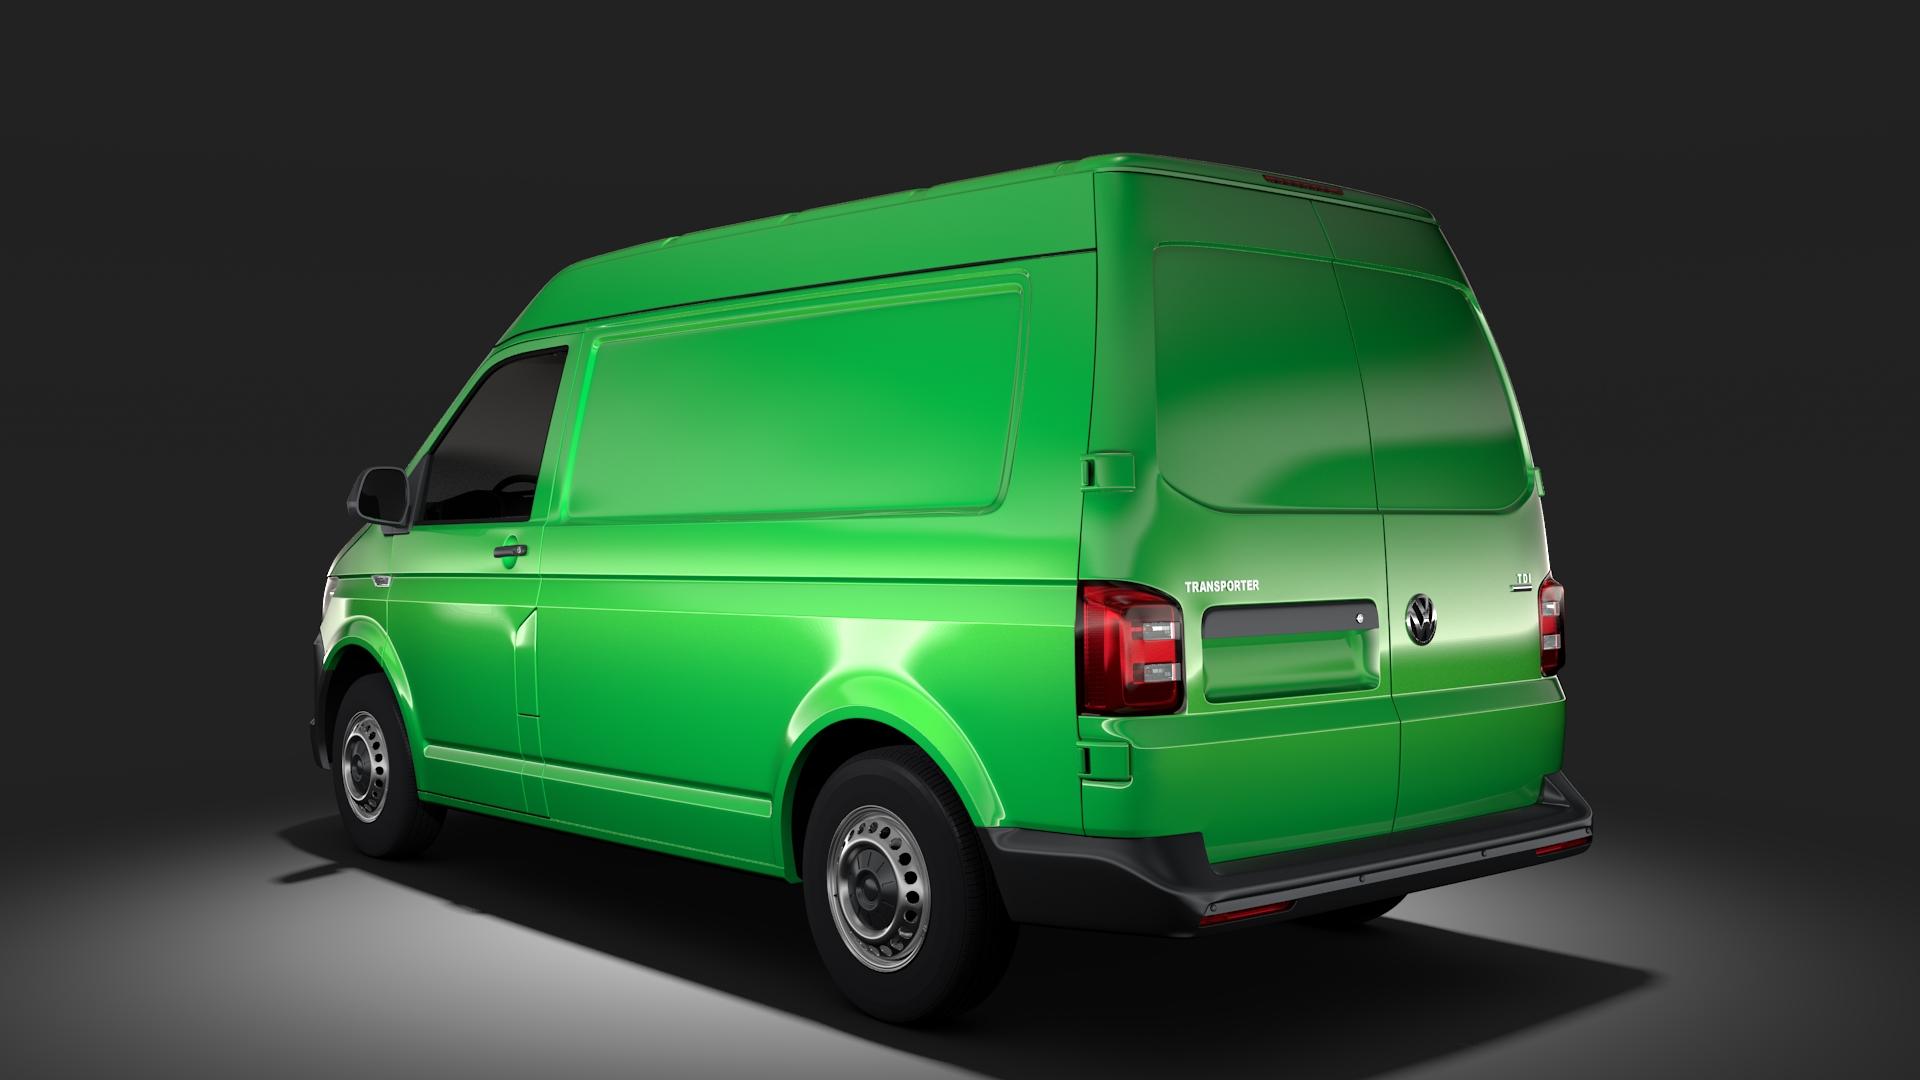 volkswagen transporter van l1h2 t6 2017 3d model max fbx c4d lwo ma mb hrc xsi obj 275155